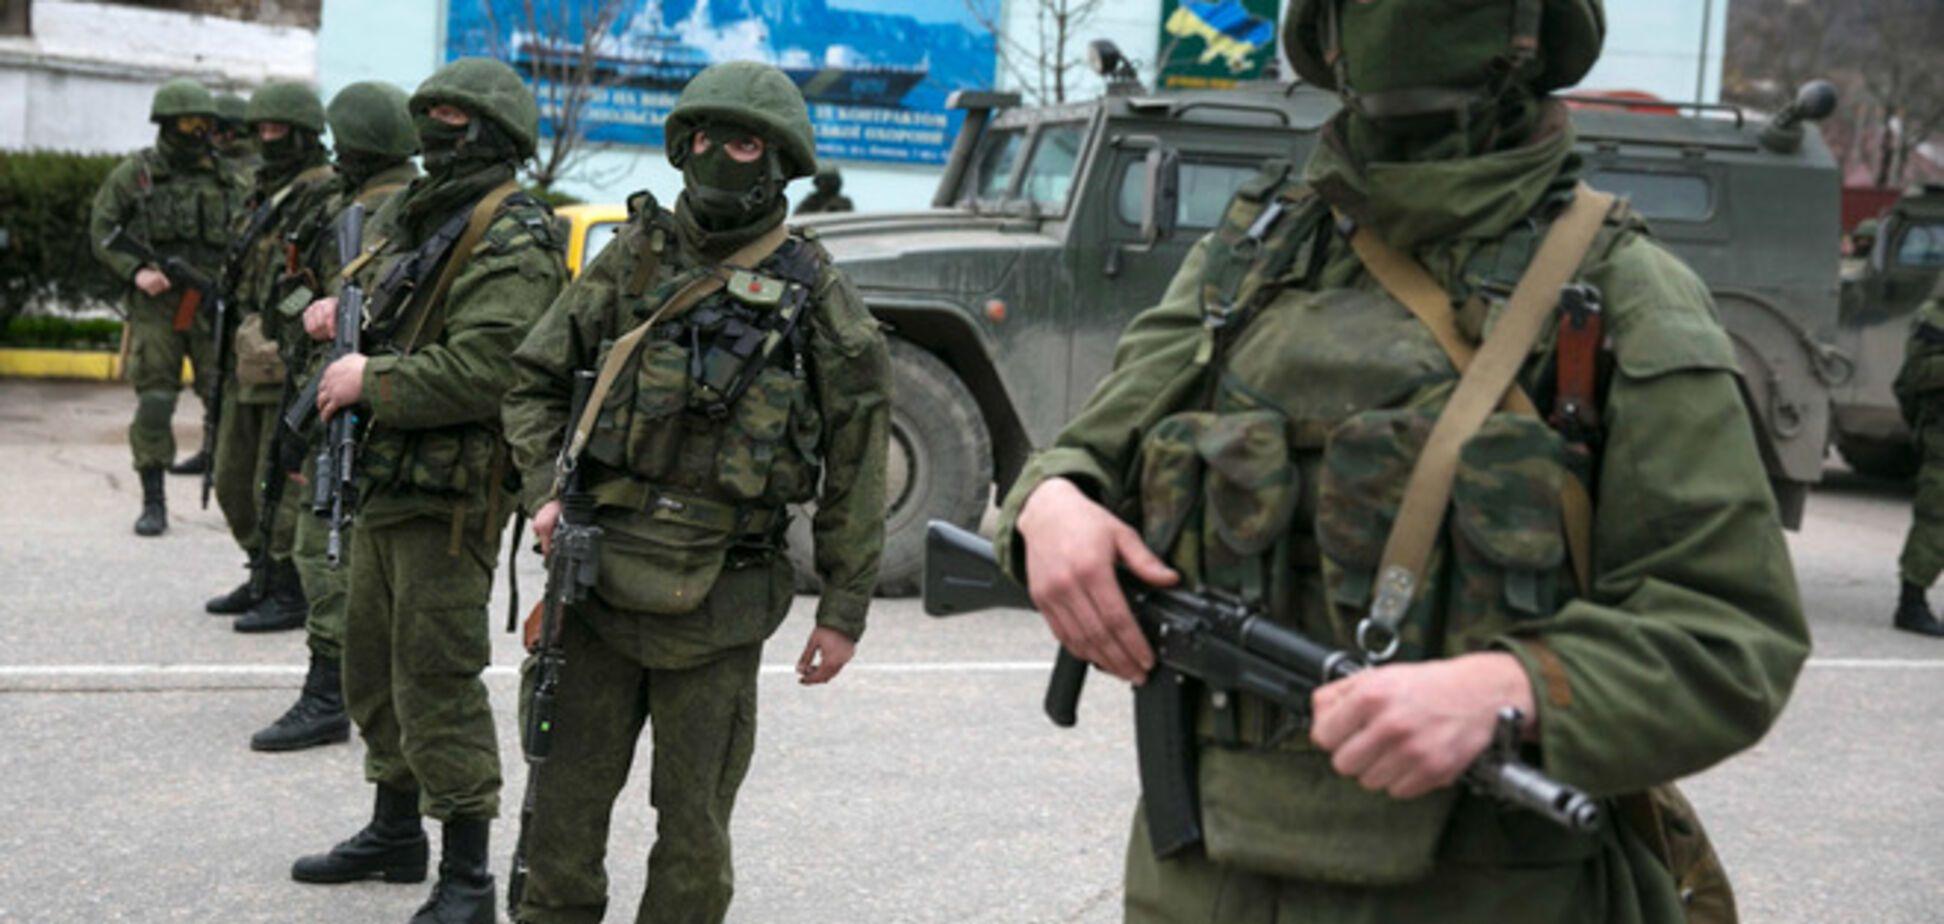 Под Мариуполем погибло 39 российских военных: среди жертв 'Герой России'